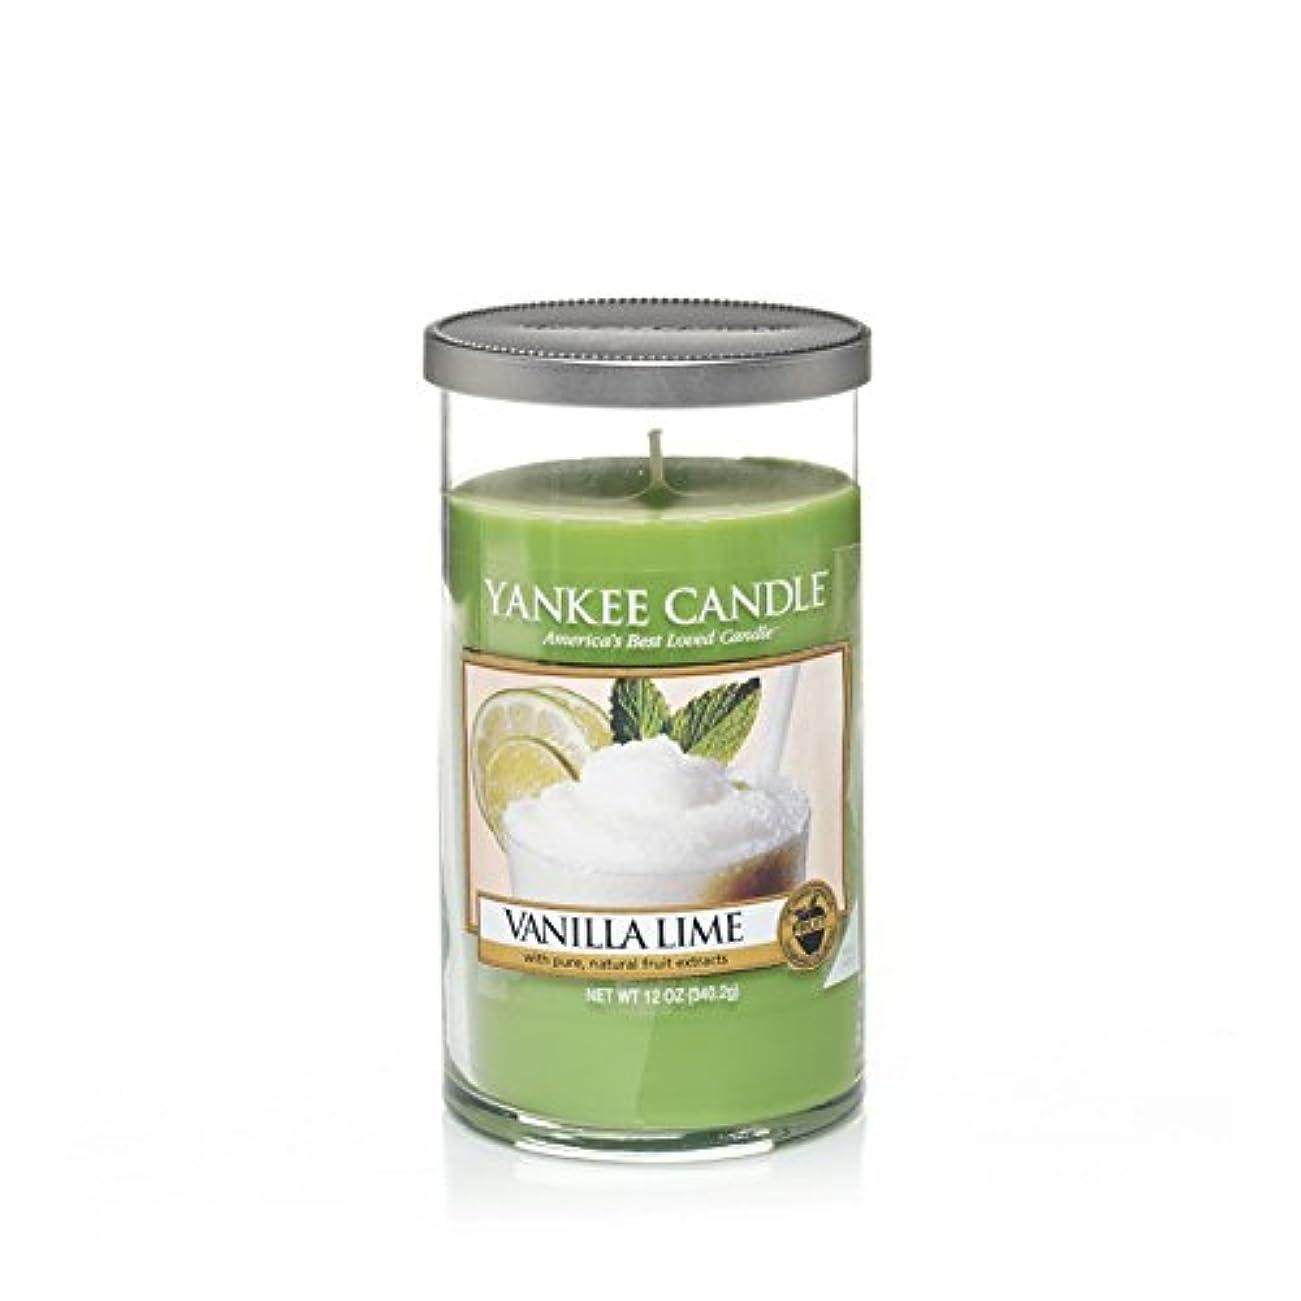 顔料リーリラックスYankee Candles Medium Pillar Candle - Vanilla Lime (Pack of 2) - ヤンキーキャンドルメディアピラーキャンドル - バニラライム (x2) [並行輸入品]